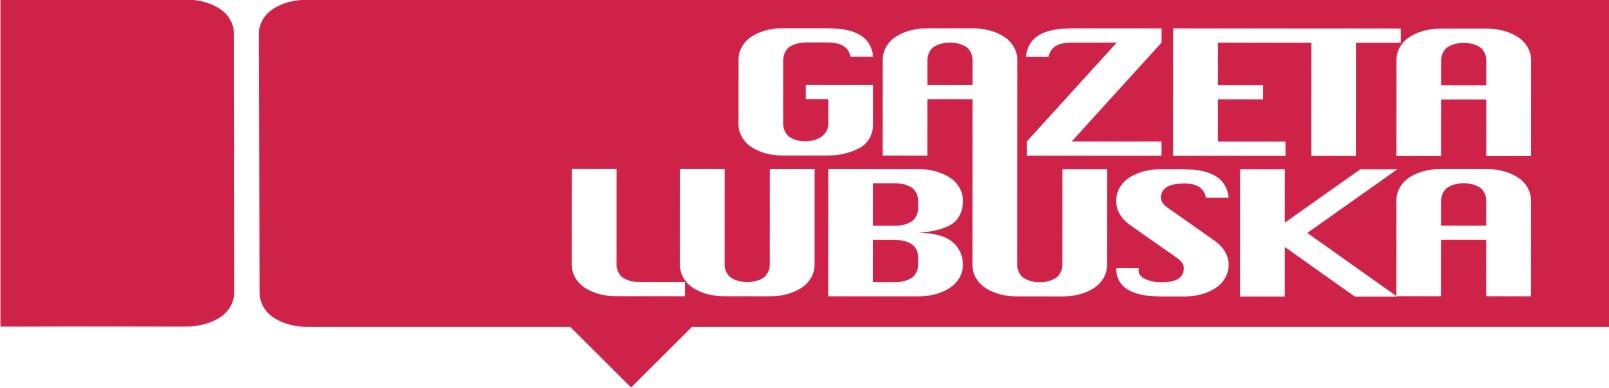 GazetaLubuska_logo-nowe